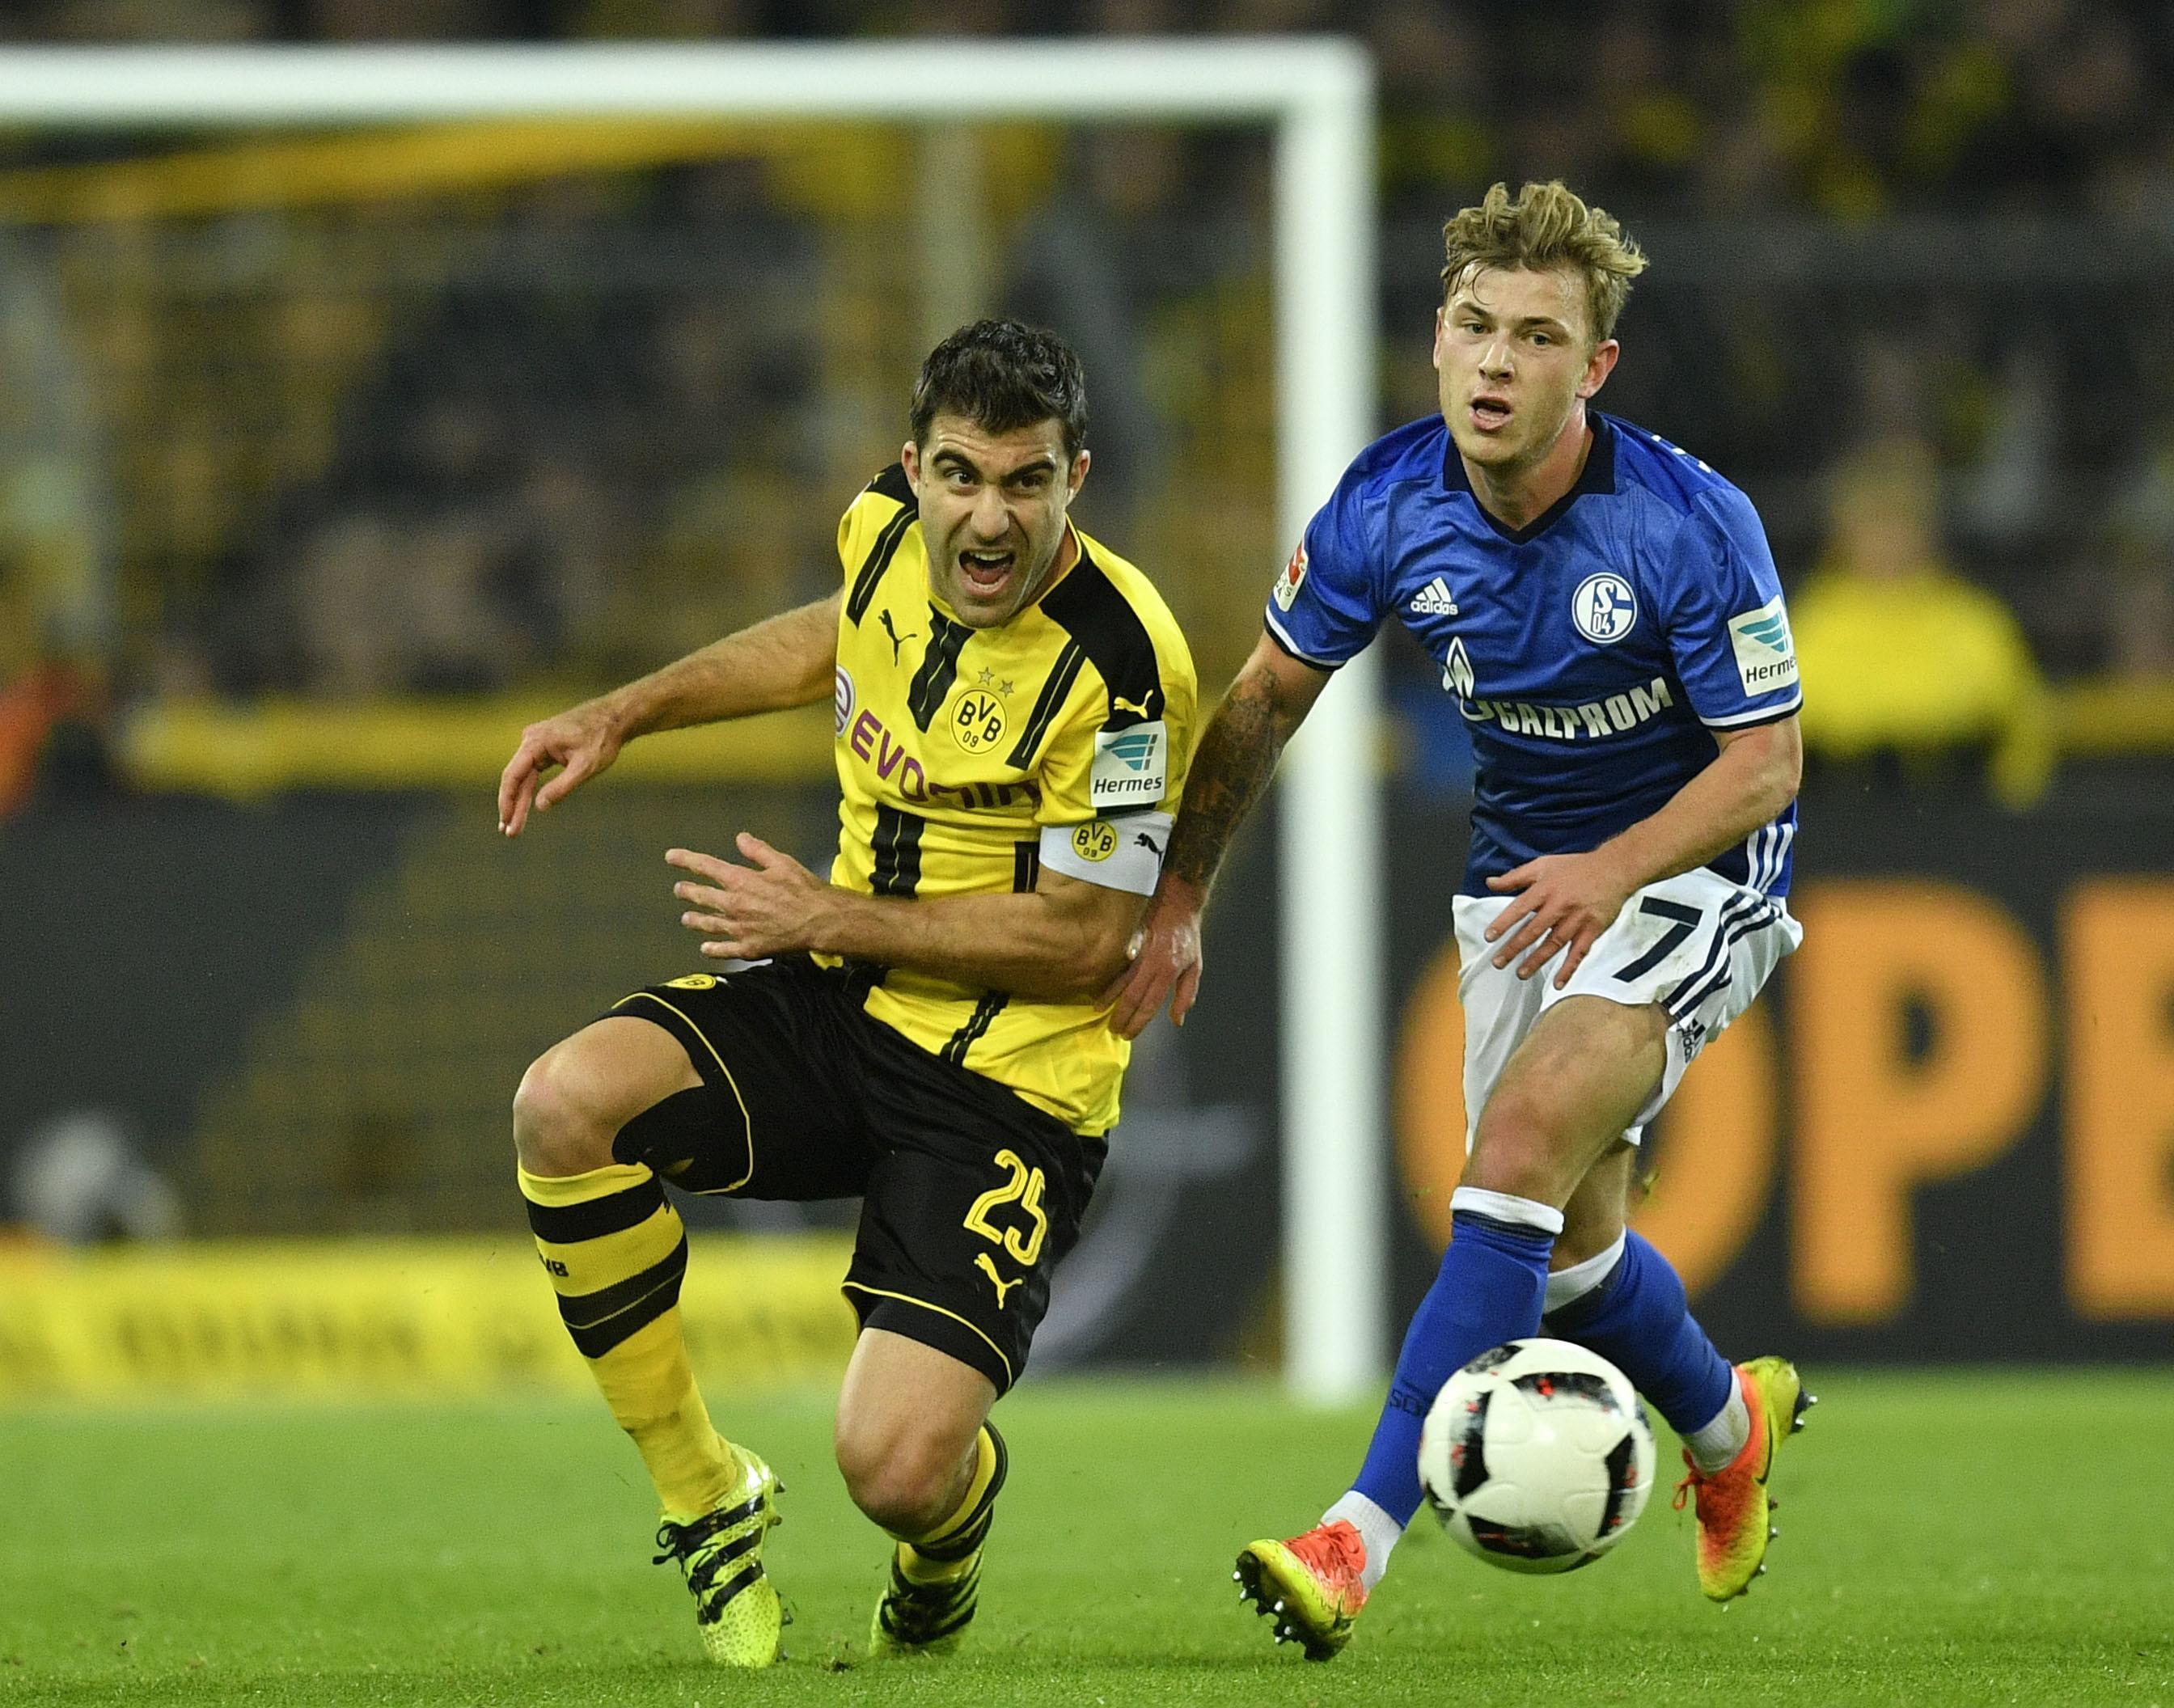 European_soccer_weekend_11263